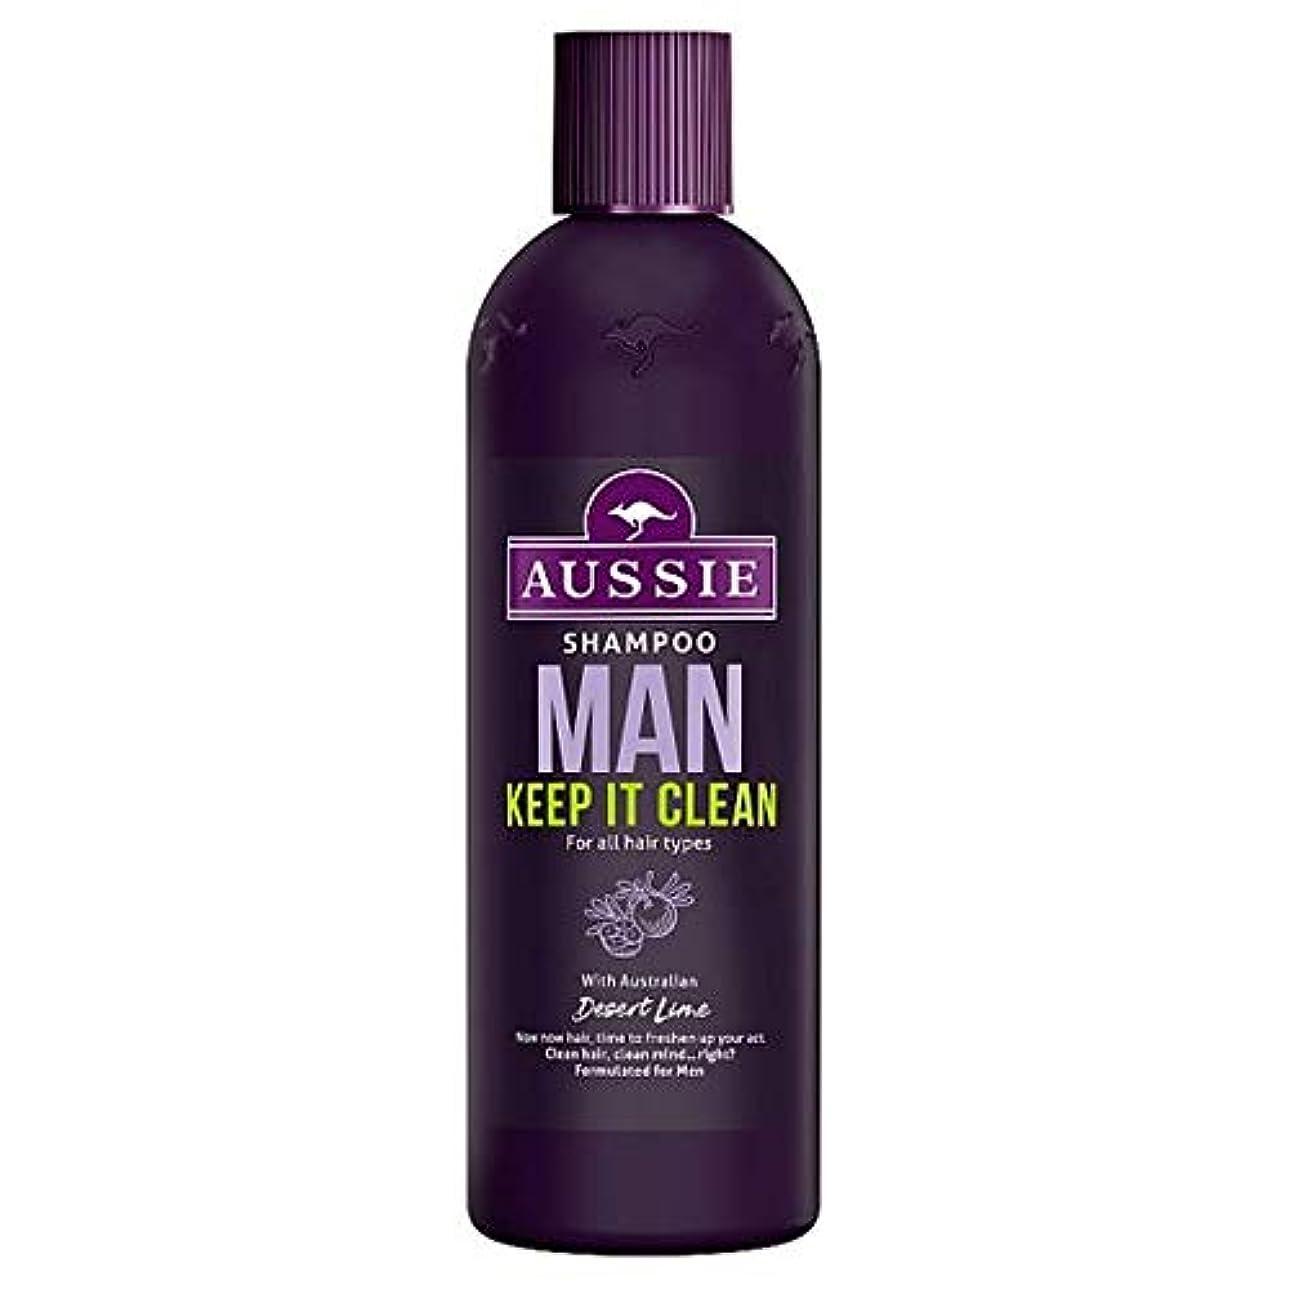 不利益指導する新しさ[Aussie] オージー男はそれきれいなシャンプー300ミリリットル保ちます - Aussie Man Keep It Clean Shampoo 300Ml [並行輸入品]